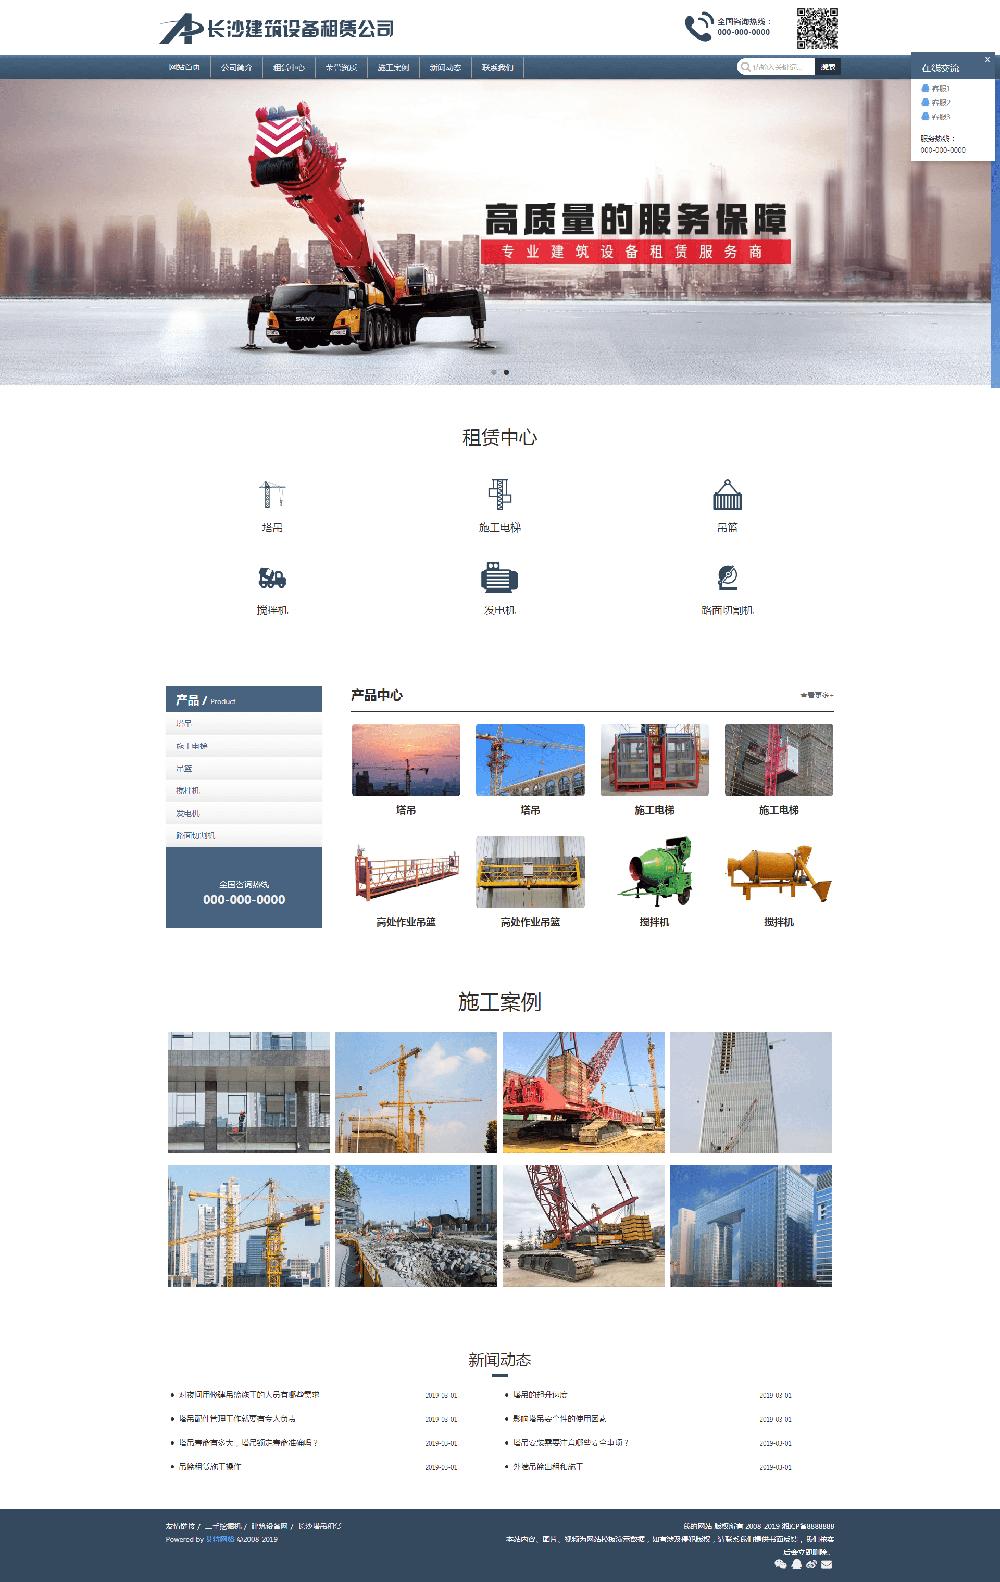 建筑設備租賃公司響應式網站.png